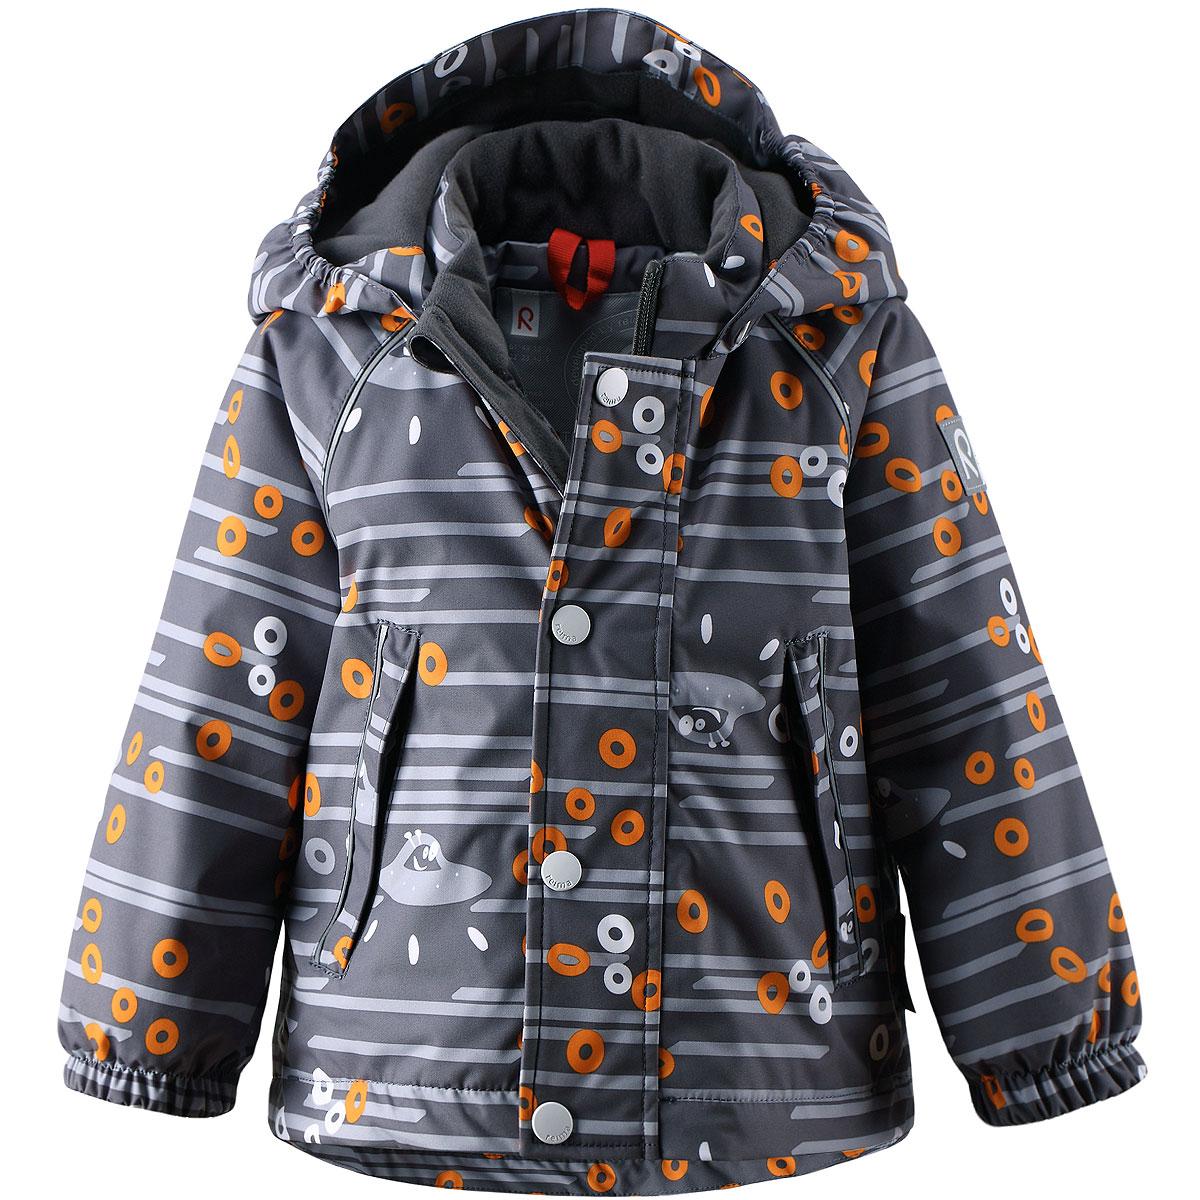 Куртка детская Divakar. 511142511142-8431Теплая детская куртка Reimatec Divakar идеально подойдет для ребенка в холодное время года. Куртка изготовлена из водоотталкивающей и ветрозащитной мембранной ткани с утеплителем из синтепона. Материал отличается высокой устойчивостью к трению, благодаря специальной обработке полиуретаном поверхность изделия отталкивает грязь и воду, что облегчает поддержание аккуратного вида одежды, дышащее покрытие с изнаночной части не раздражает даже самую нежную и чувствительную кожу ребенка, обеспечивая ему наибольший комфорт. Куртка с удлиненной спинкой и капюшоном застегивается на пластиковую застежку-молнию с защитой подбородка, благодаря чему ее легко надевать и снимать, и дополнительно имеет ветрозащитный клапан на кнопках. Капюшон, присборенный по бокам, защитит нежные щечки от ветра, он пристегивается к куртке при помощи кнопок. Края рукавов дополнены эластичными манжетами. Мягкая подкладка на воротнике, капюшоне и манжетах обеспечивает дополнительный комфорт....